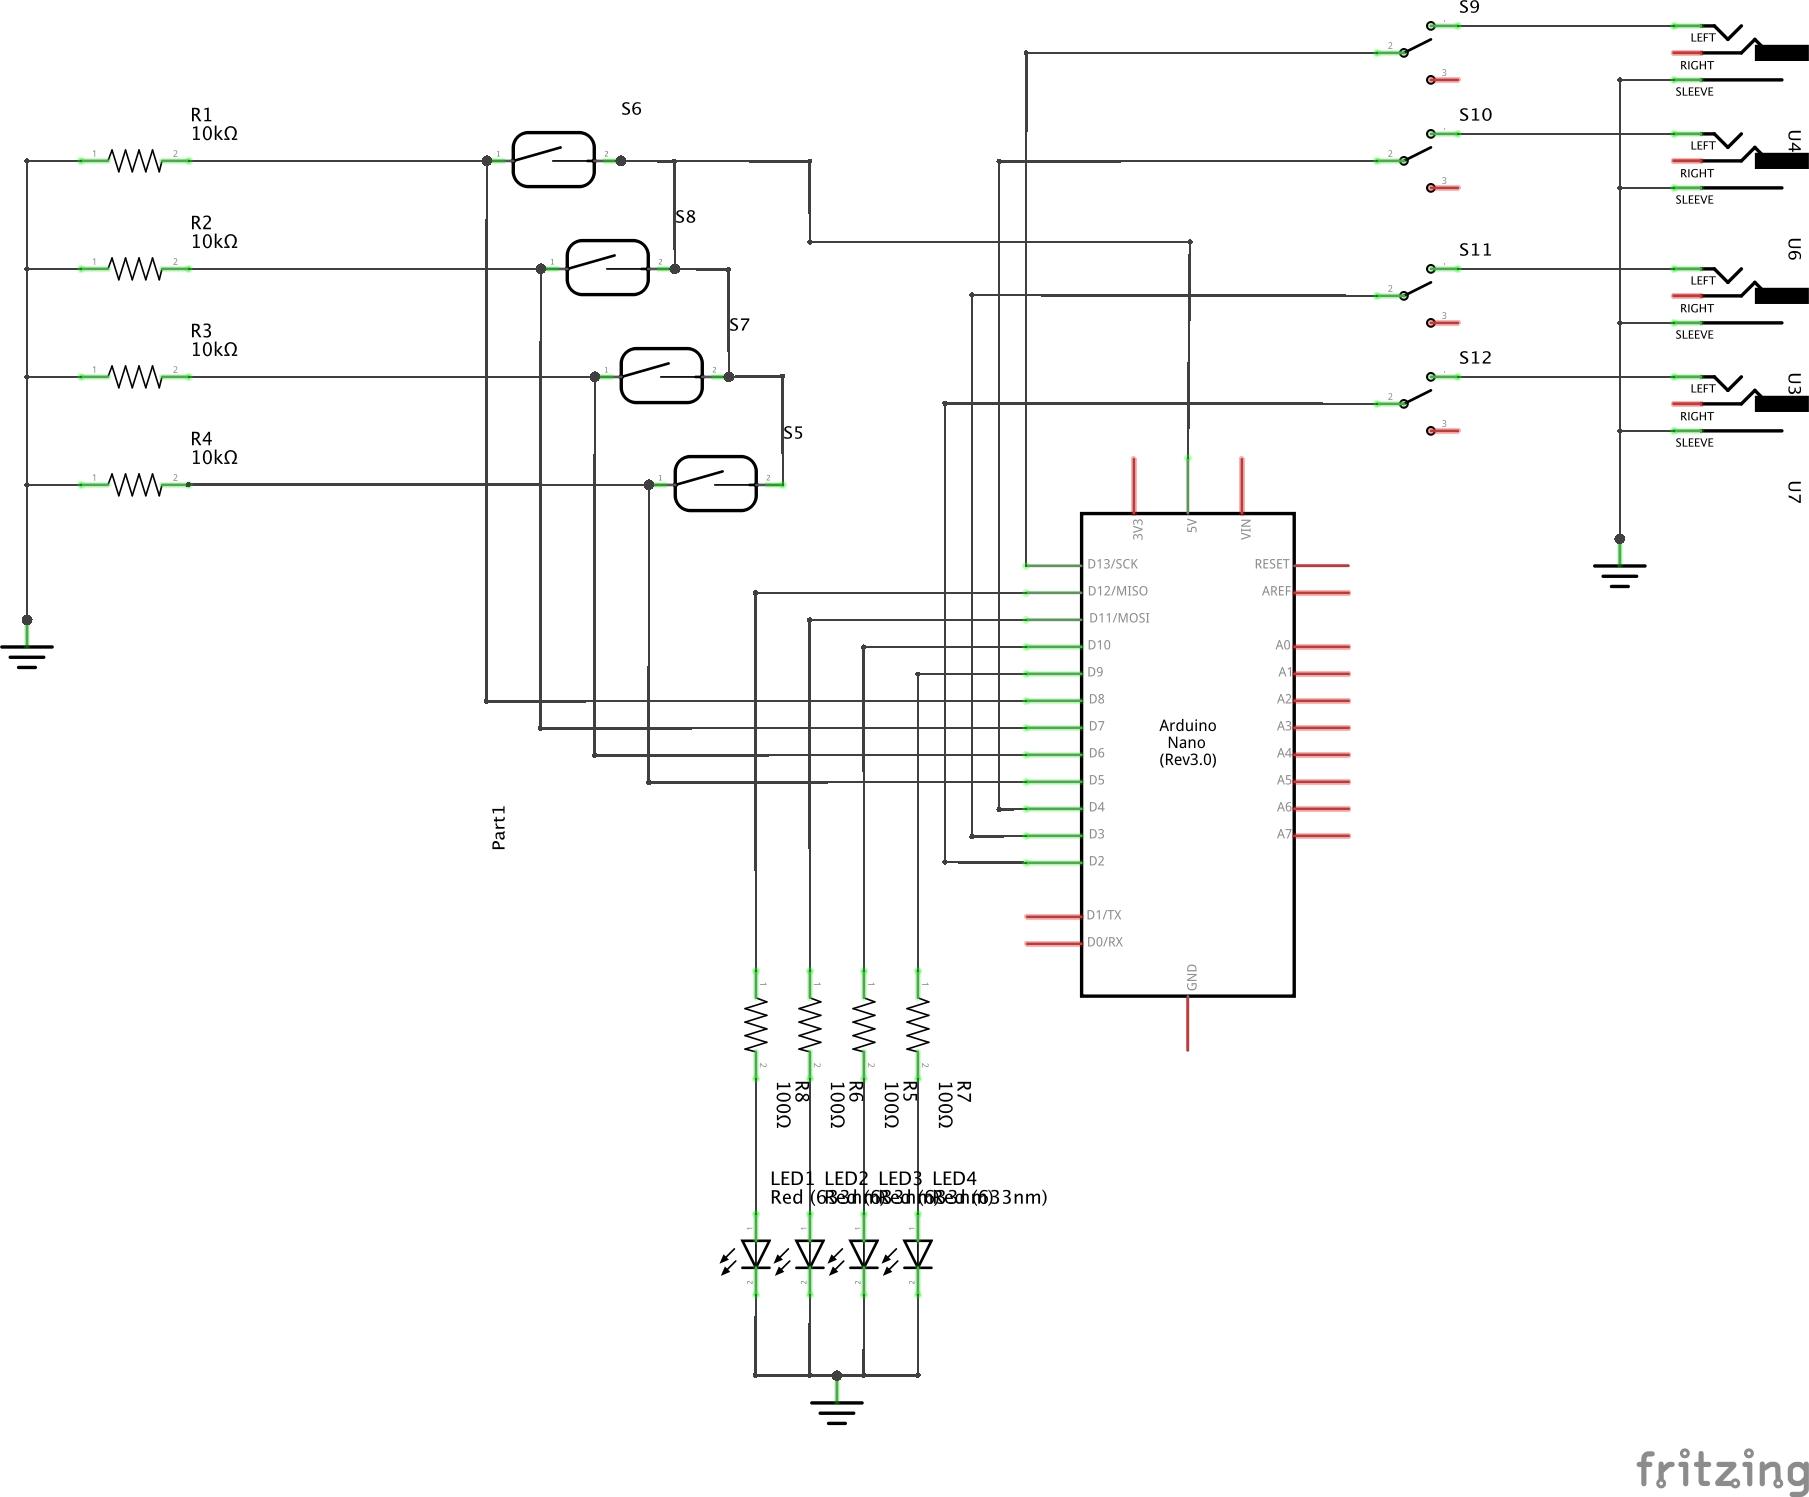 WVN005_TURNTABLE SEQUENCER_SCHEMATIC_schem.jpg